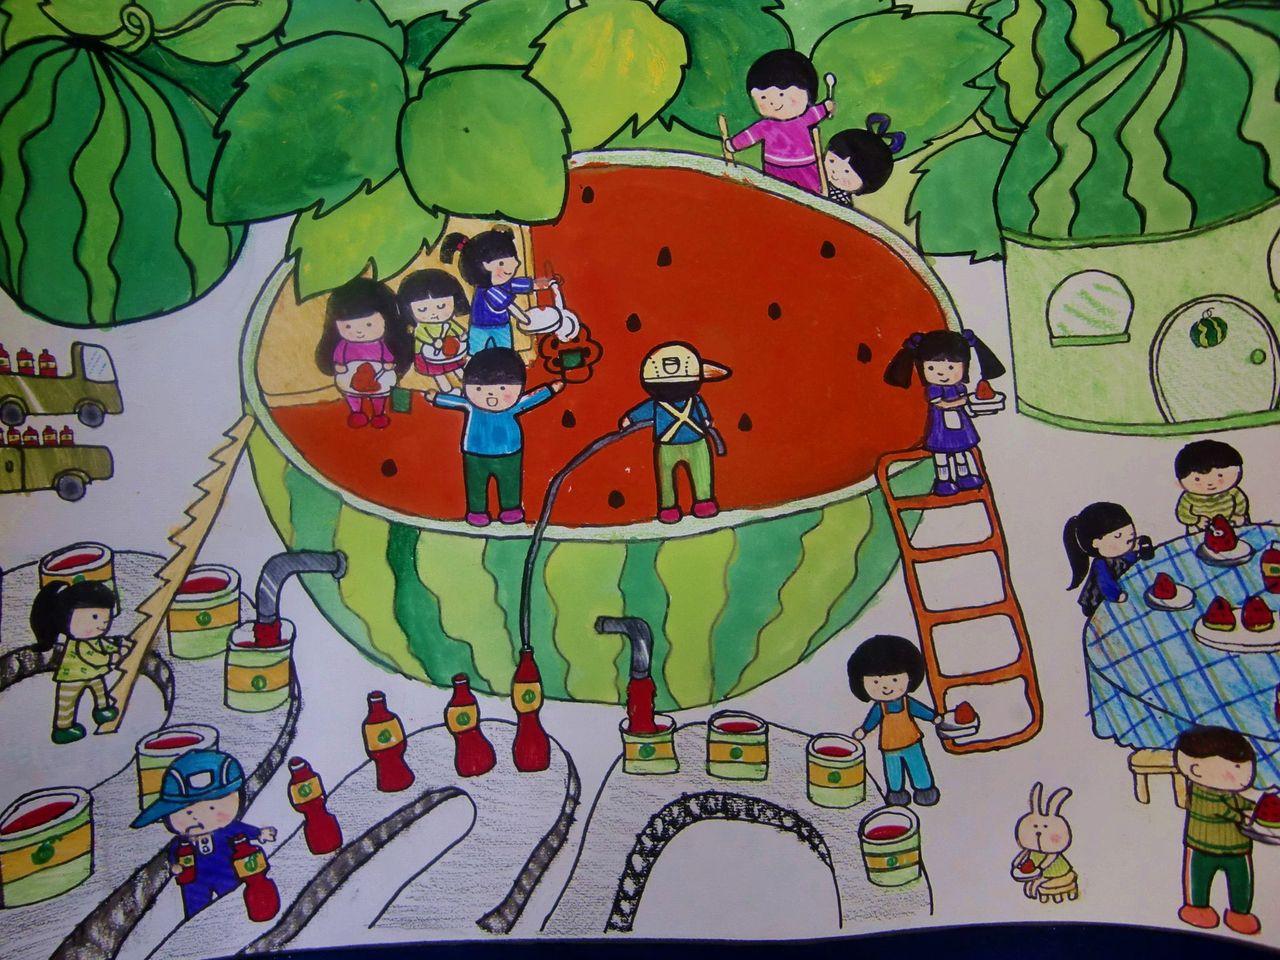 小学生画画大全_环保画获奖作品图片_环保画获奖作品图片下载